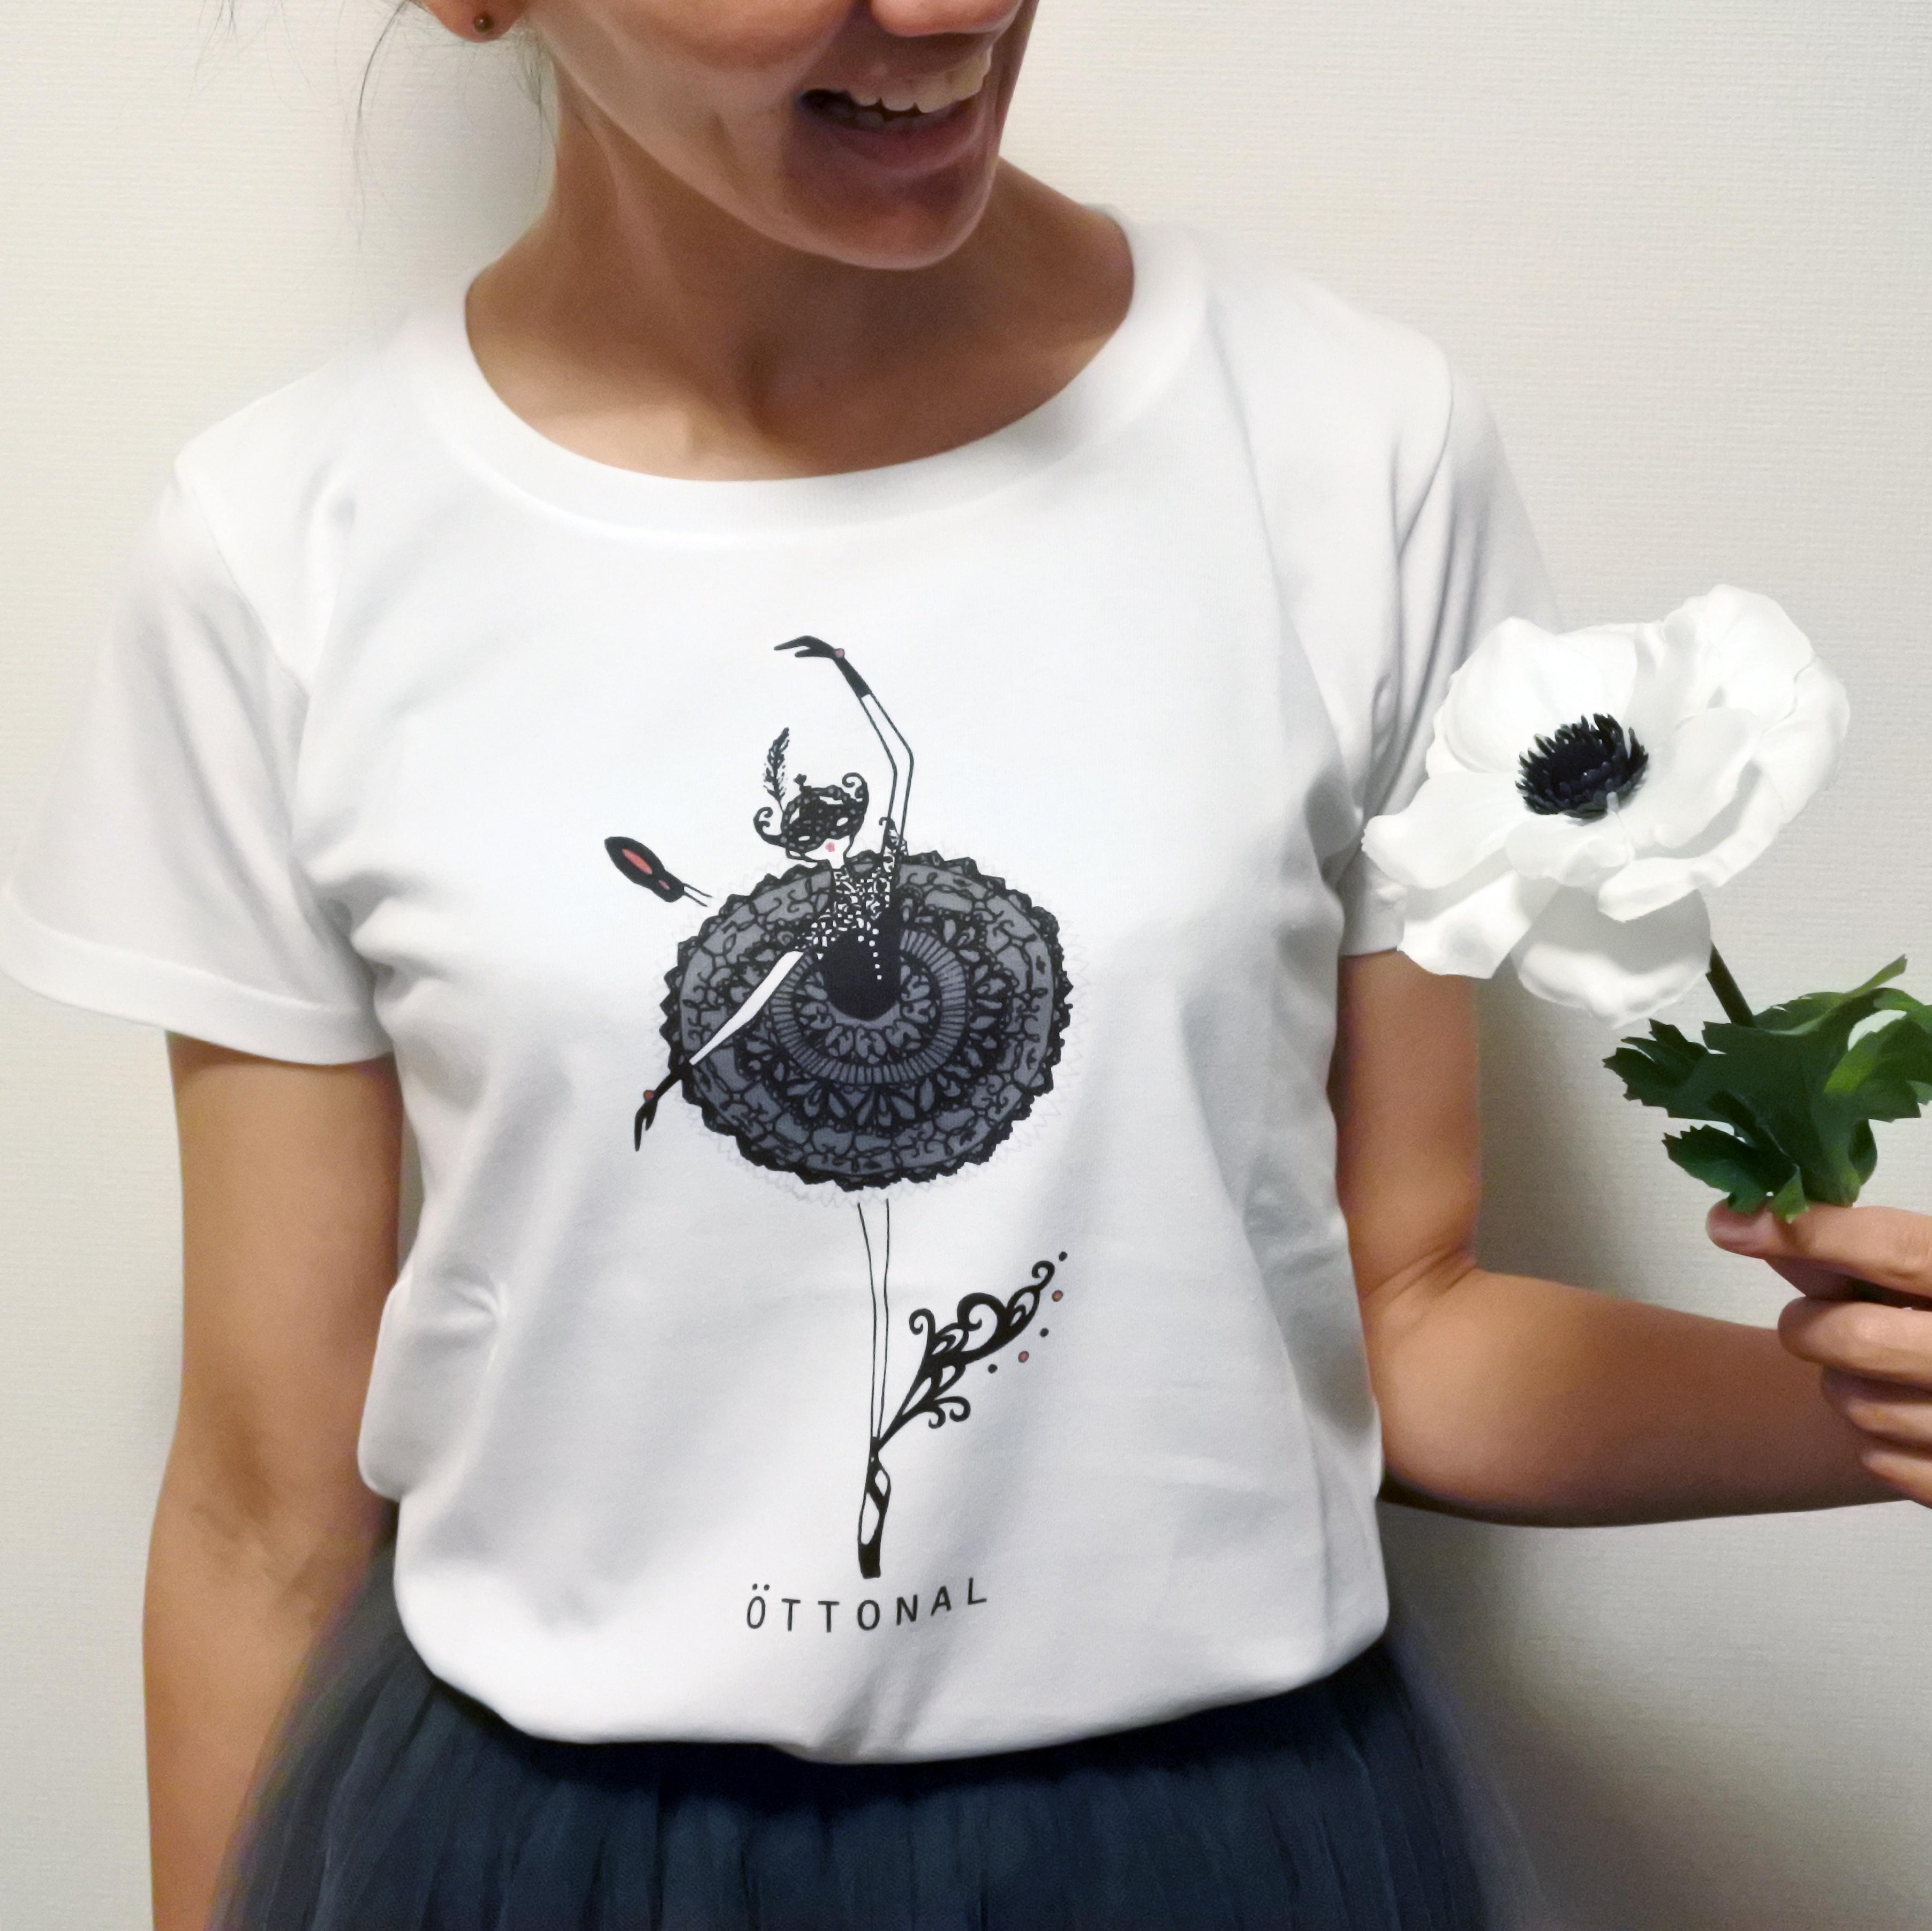 サタネラTシャツ(レディース) - 画像3